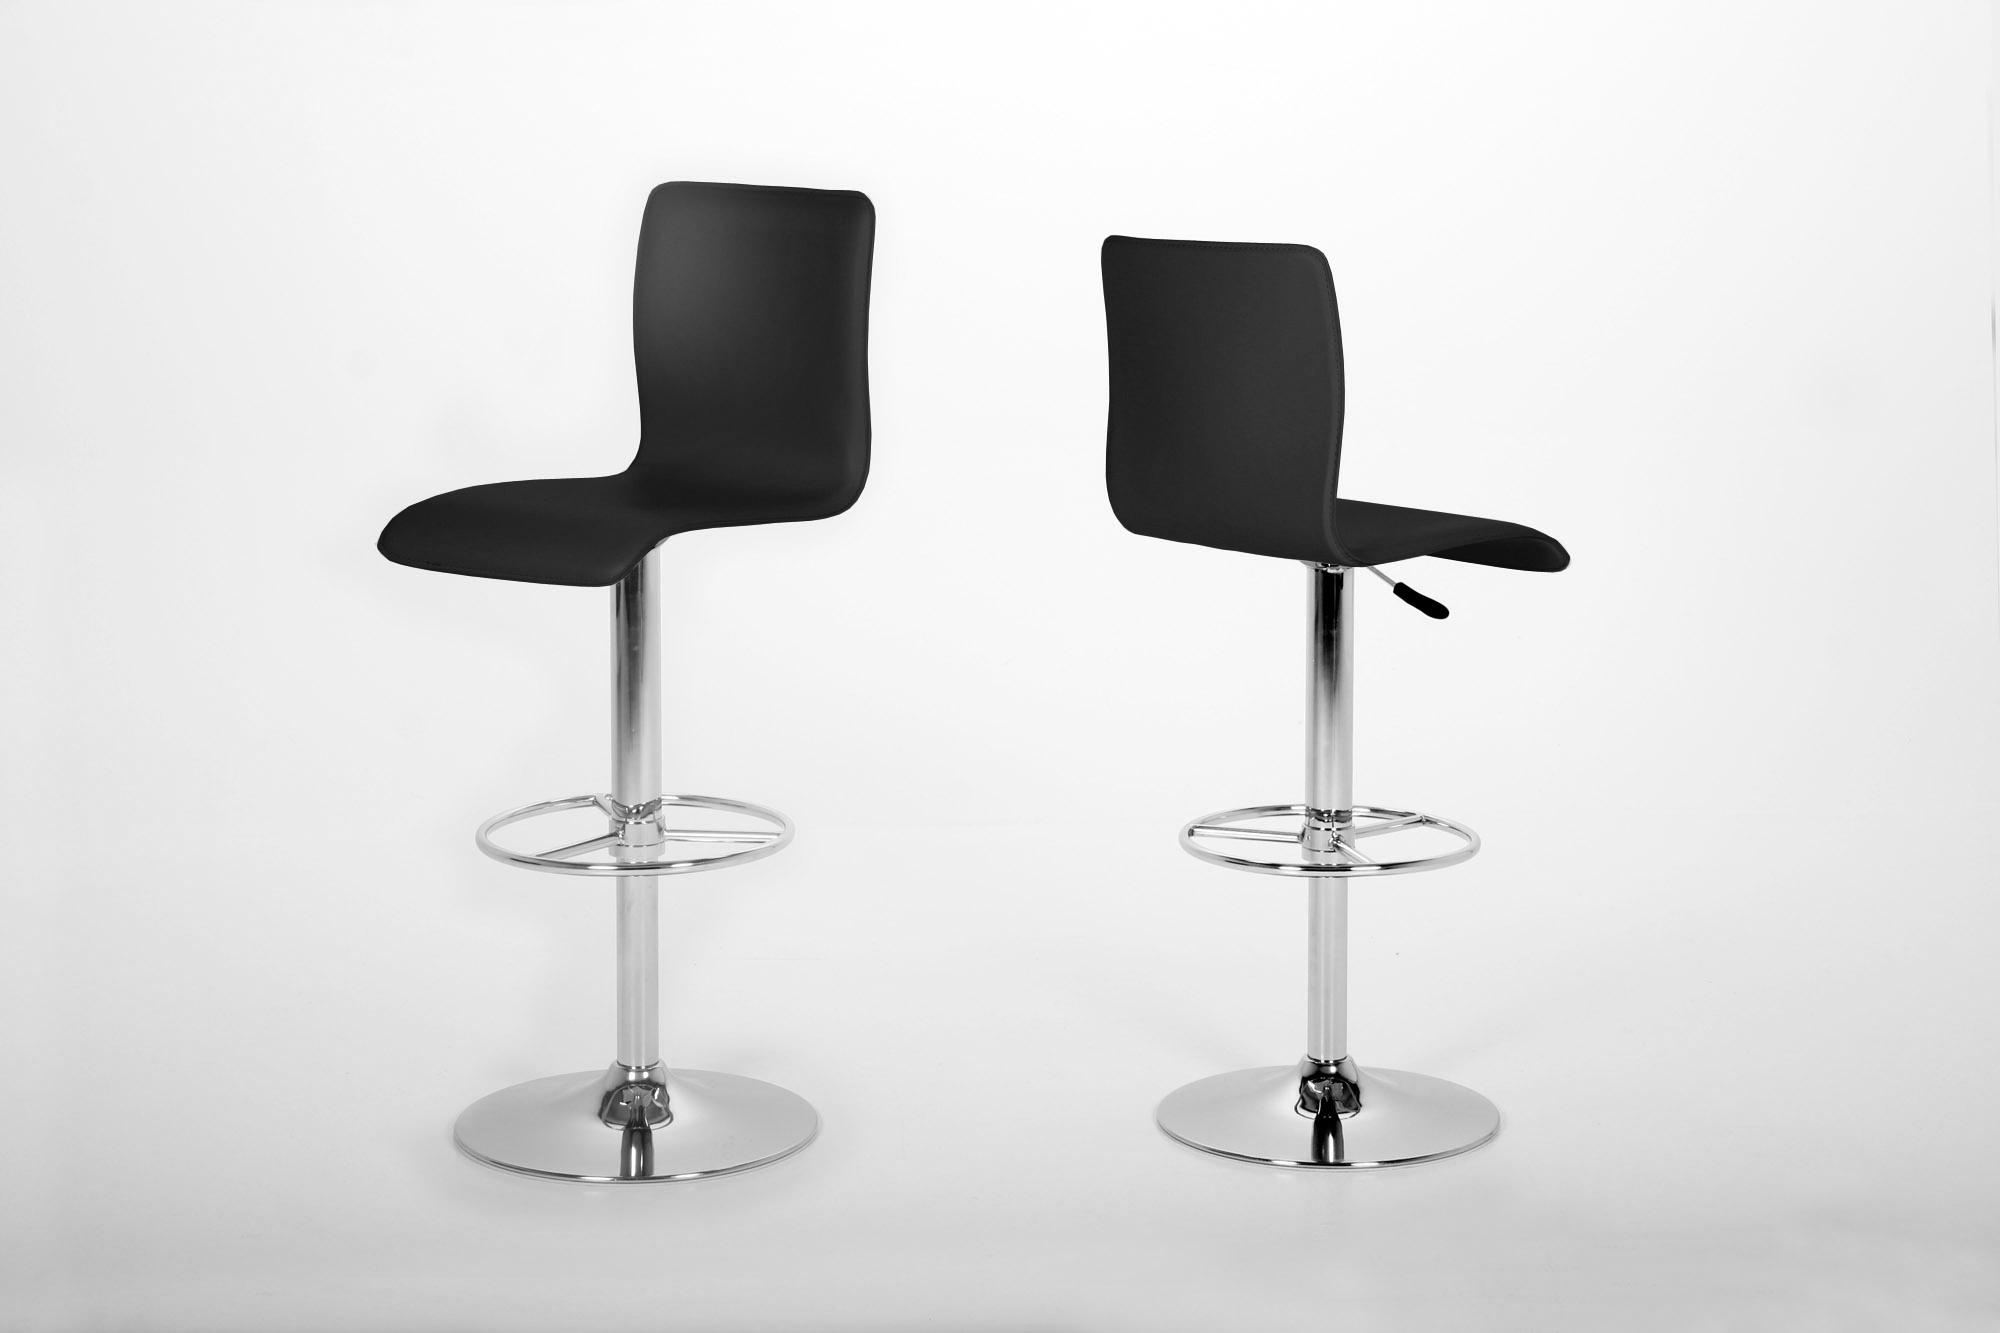 poze cu Set 2 scaune de bar Aze Black